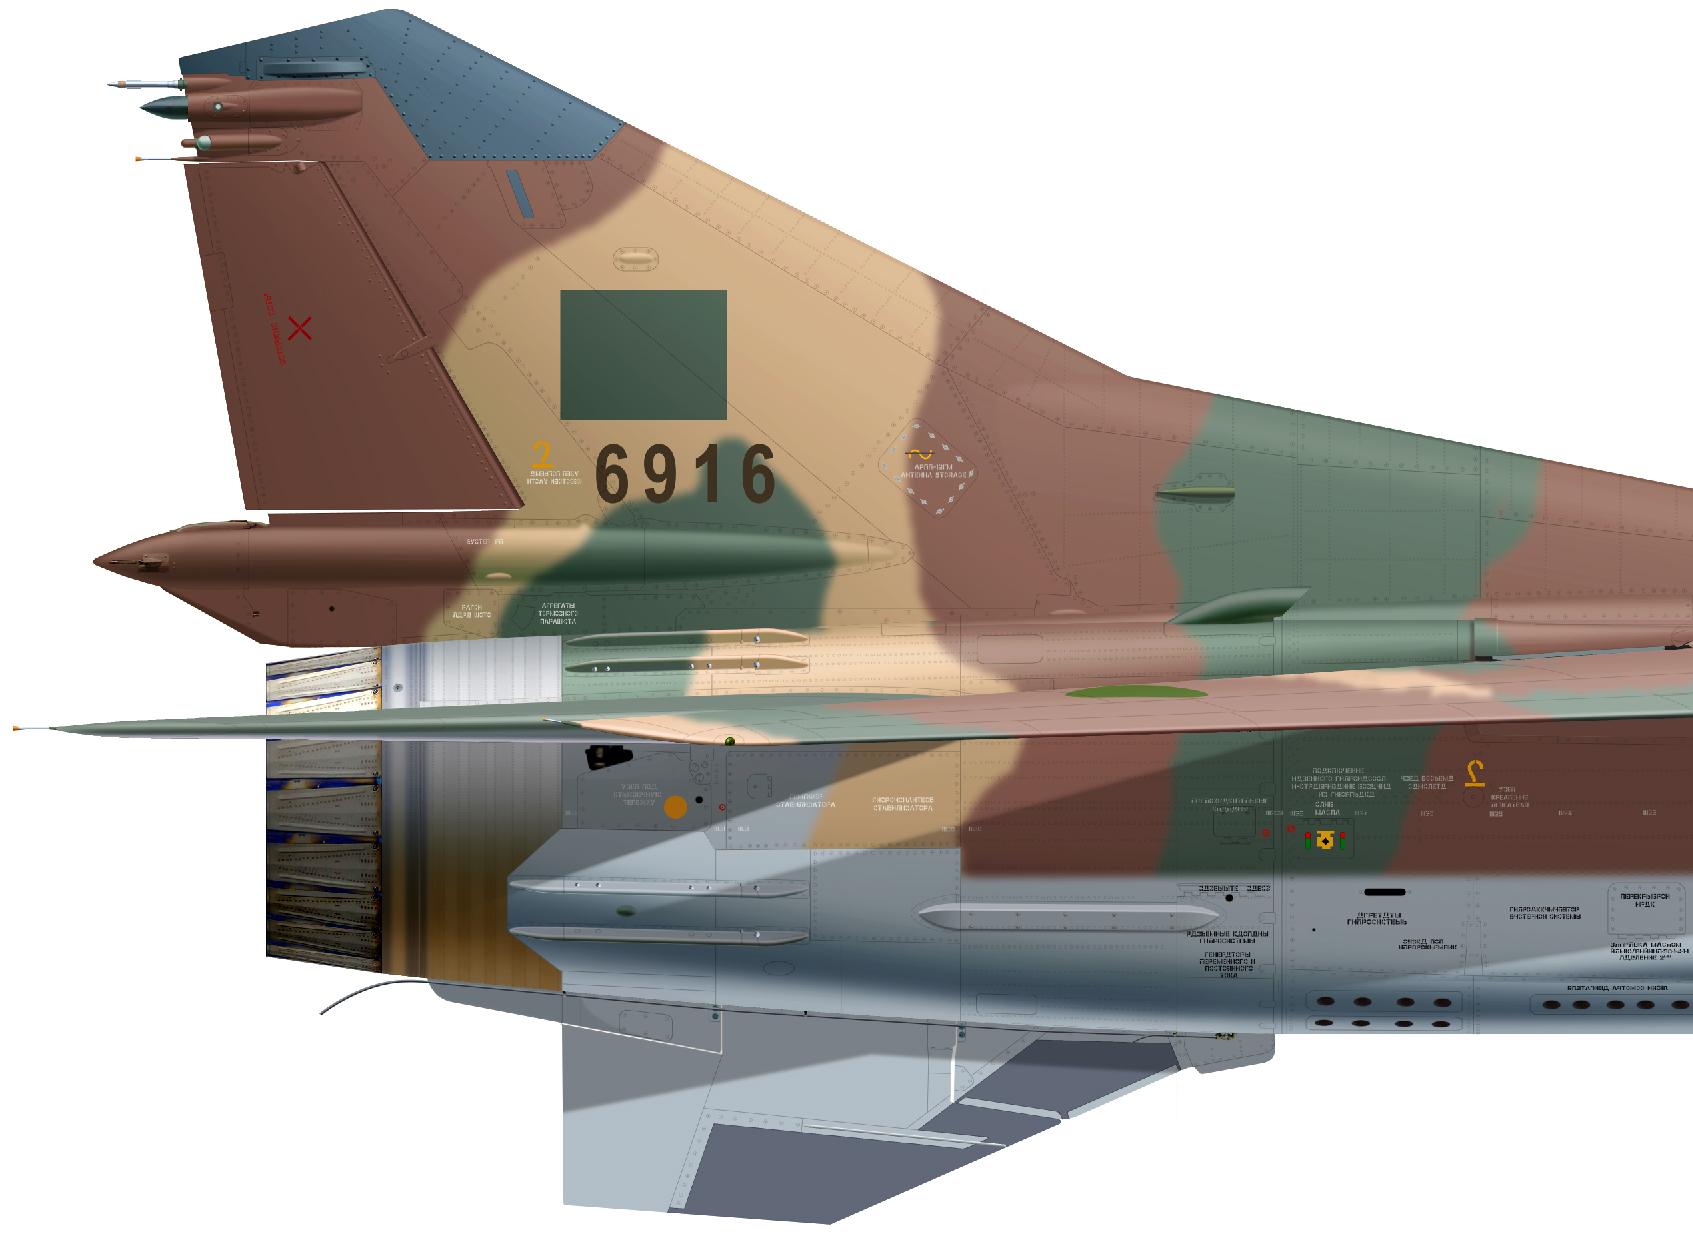 MiG 23 (航空機)の画像 p1_36